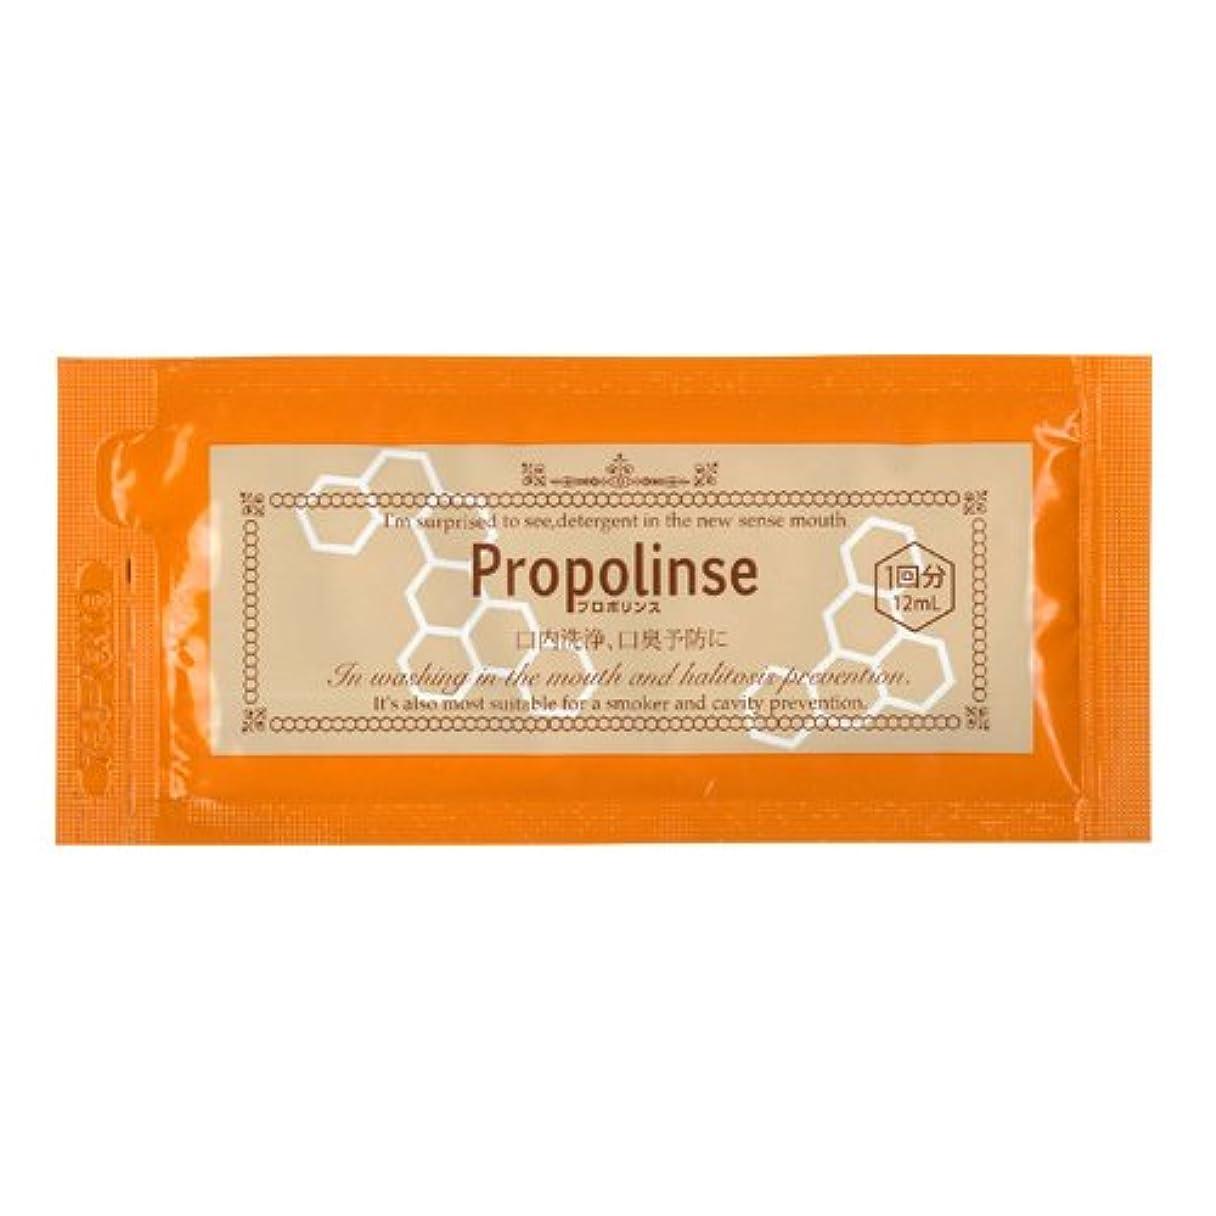 腐敗信じられない安心させるプロポリンス ハンディパウチ 12ml×10袋